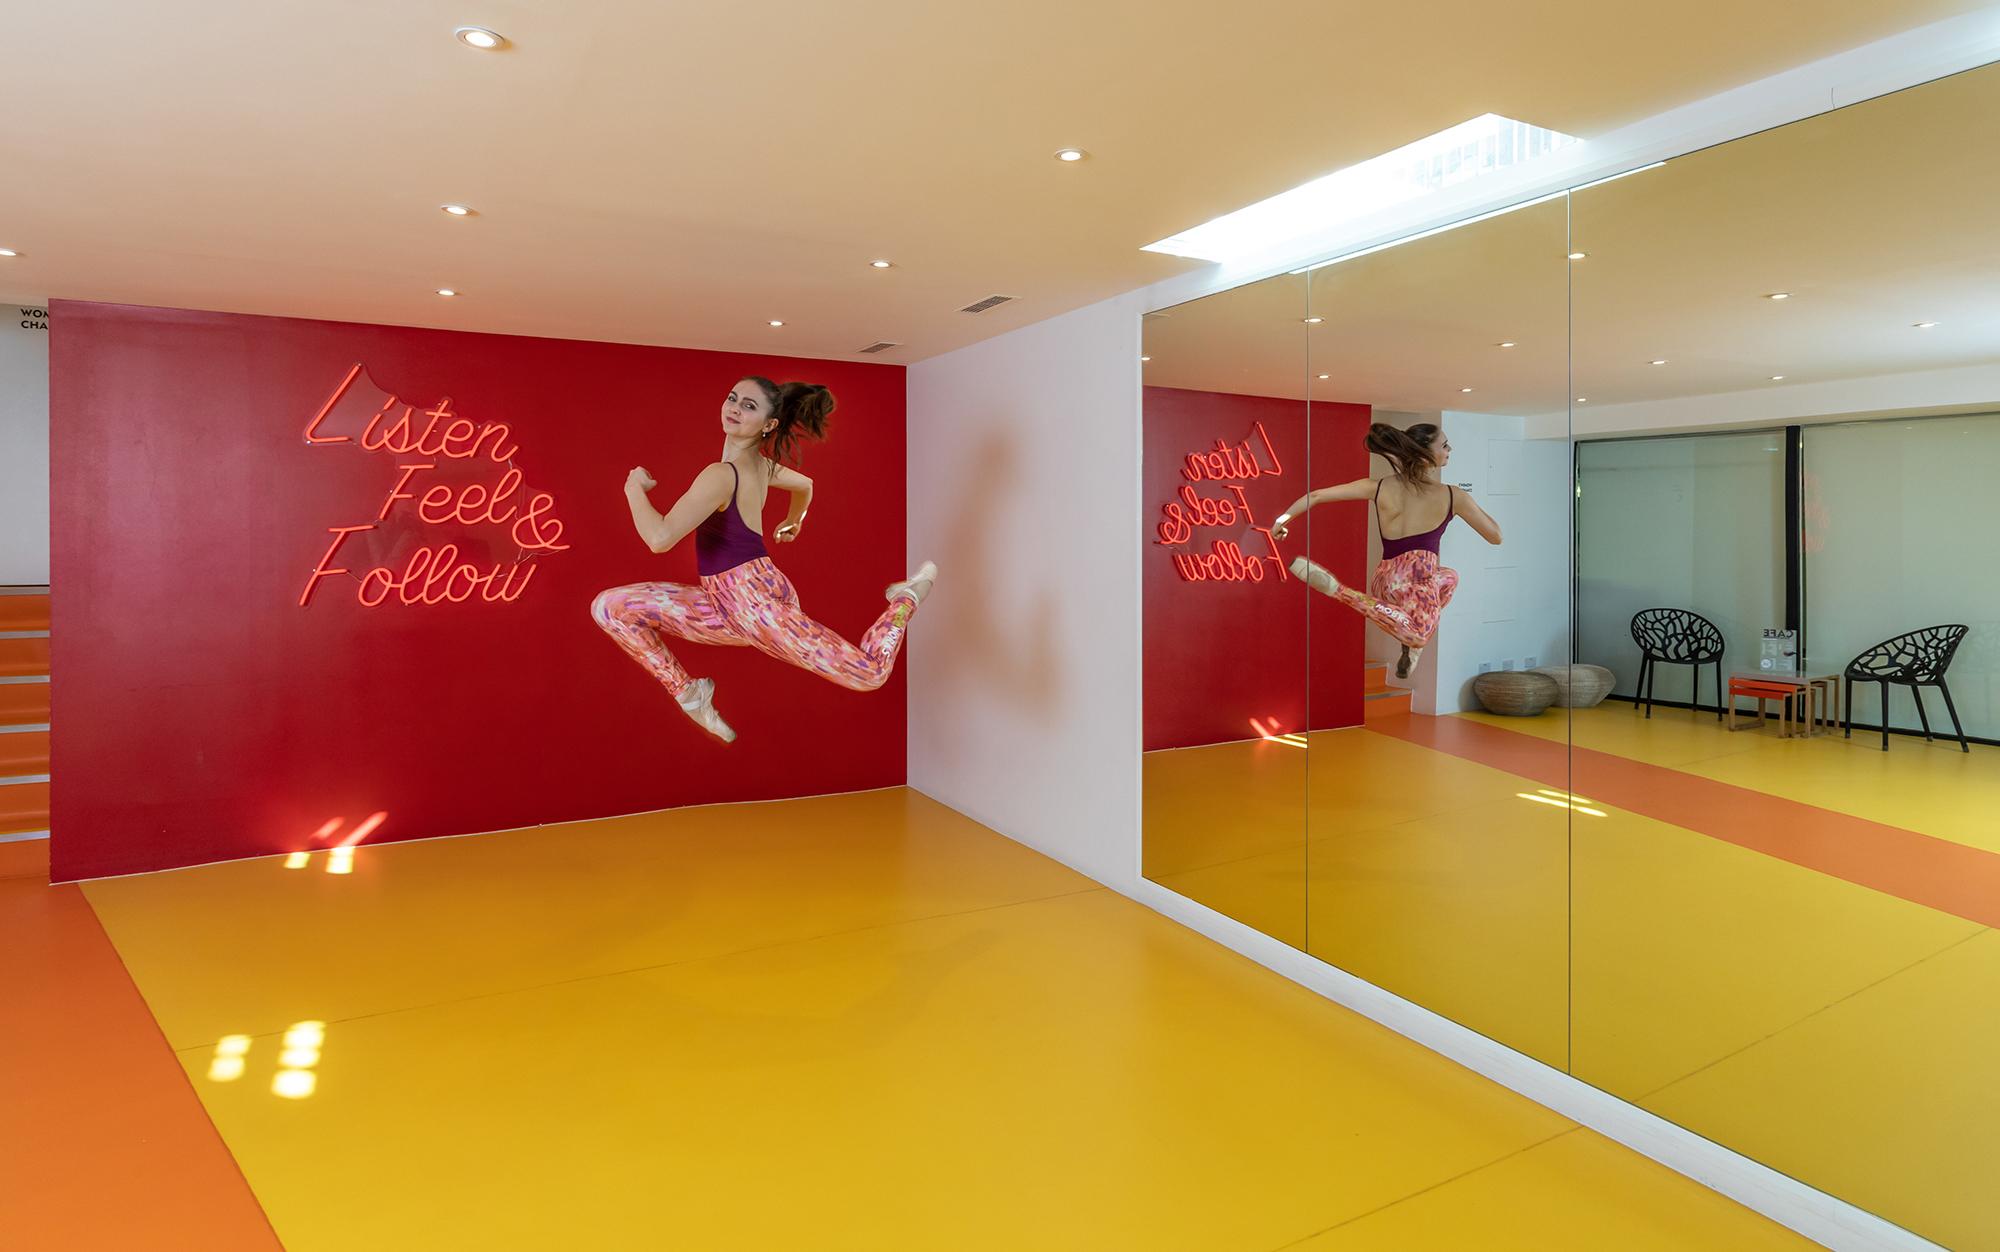 Danceworks dance and ballet studios membership in Central London